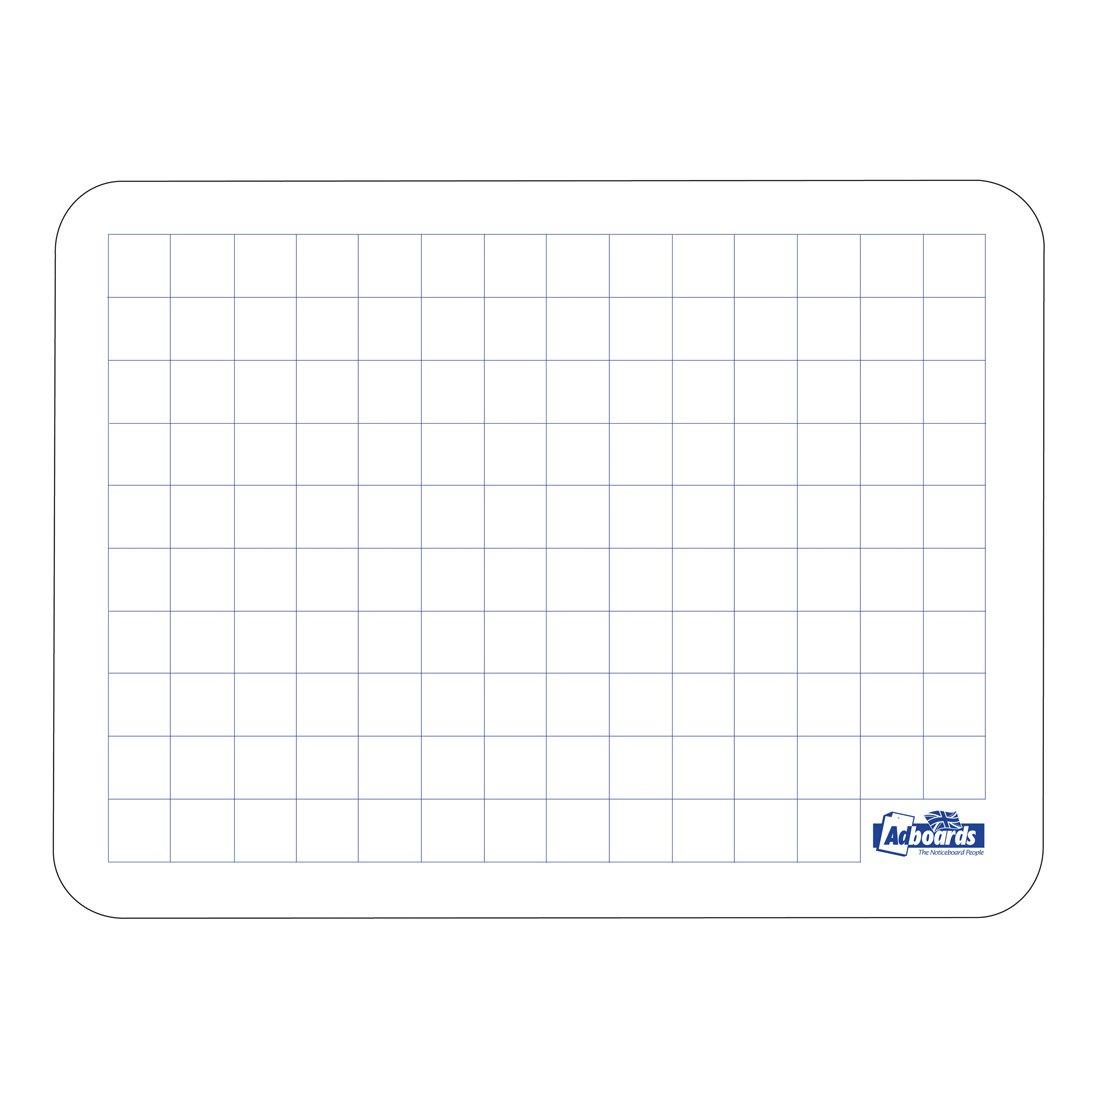 Adboards Plastic Lap Board A4 Grid 20mm/Plain (10) JUFG-10A4-99